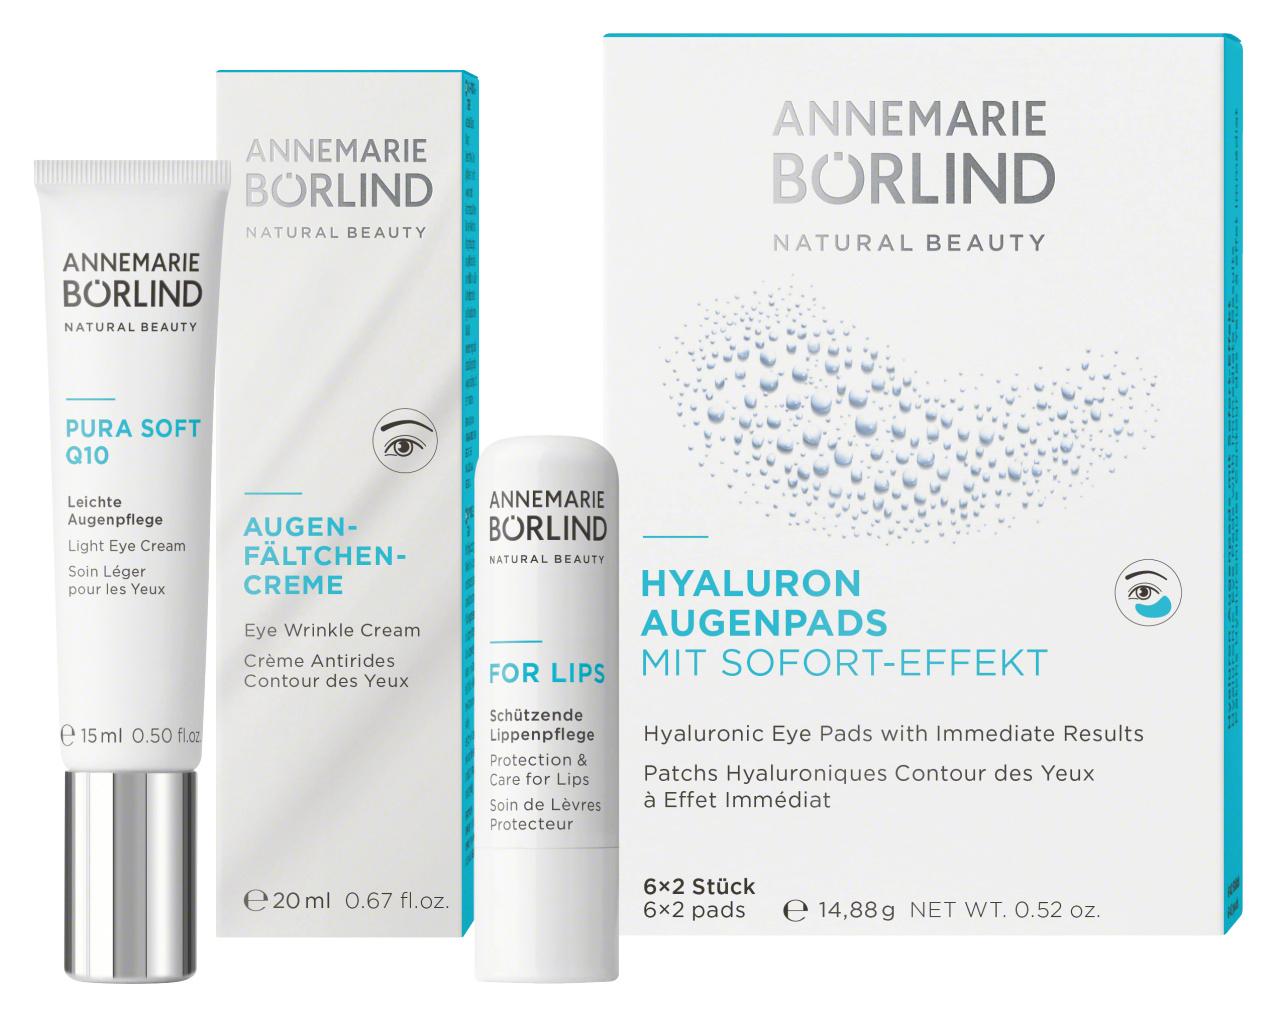 ANNEMARIE-B-RLIND-Augen-und-Lippenpflege_Office_3838